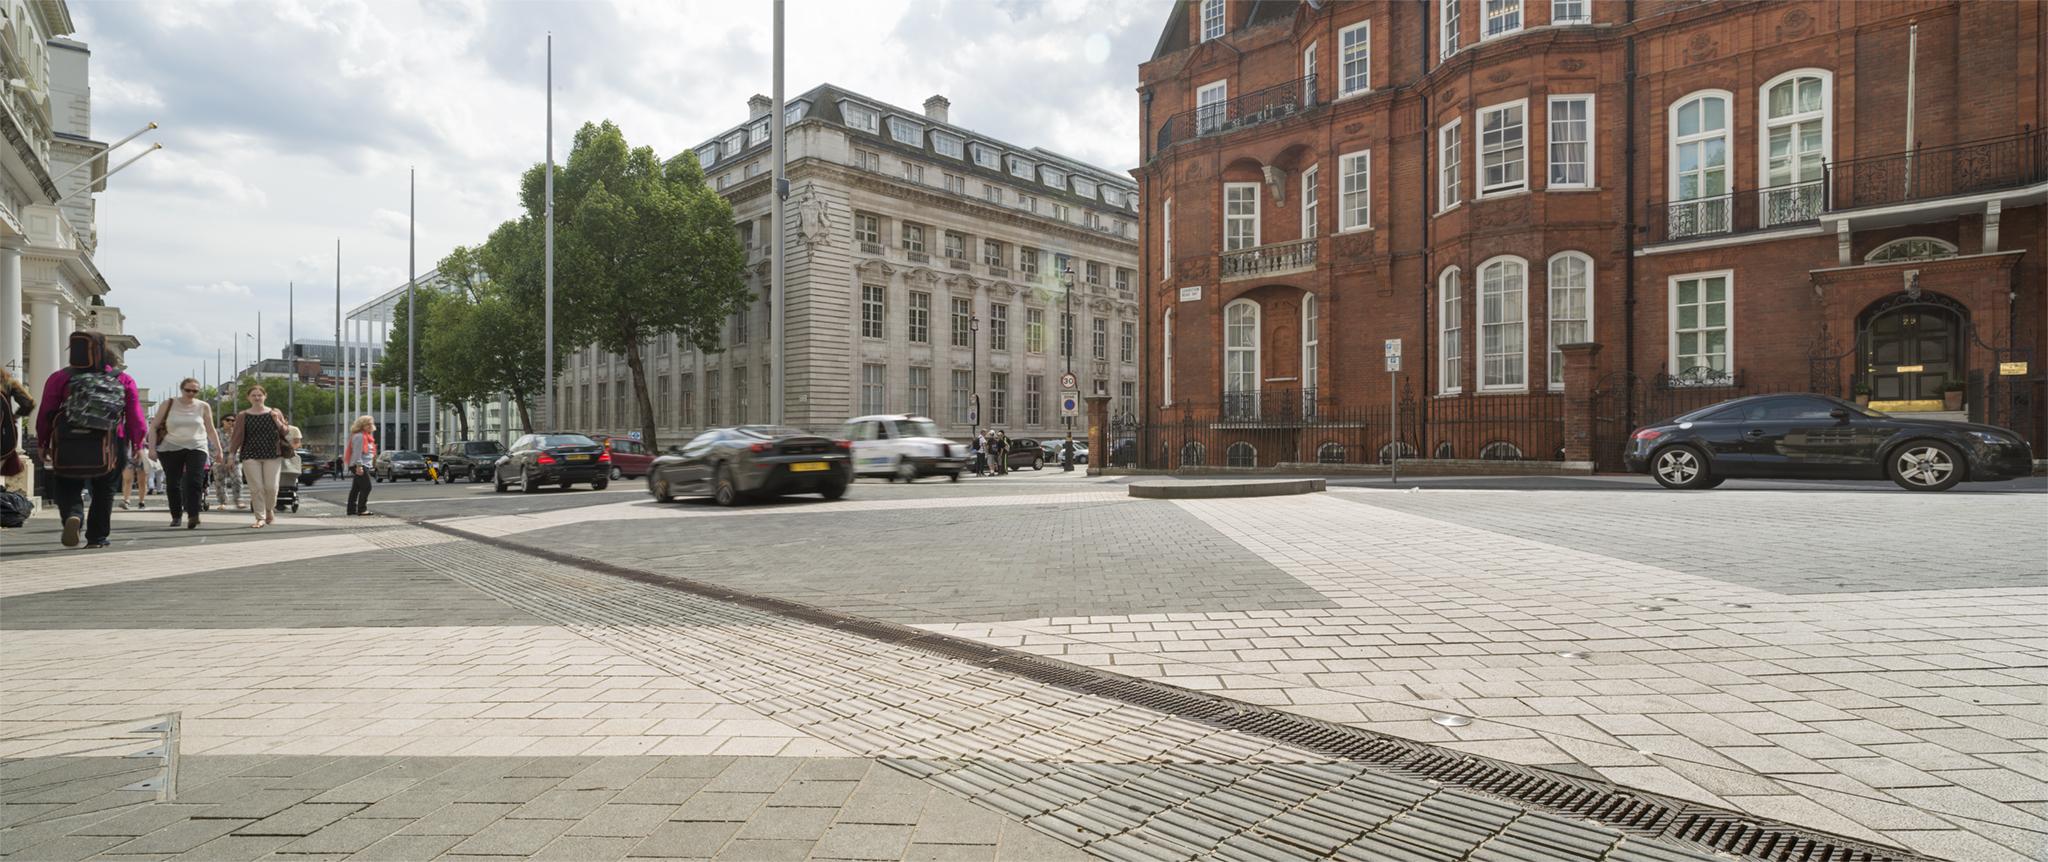 Paving in public street